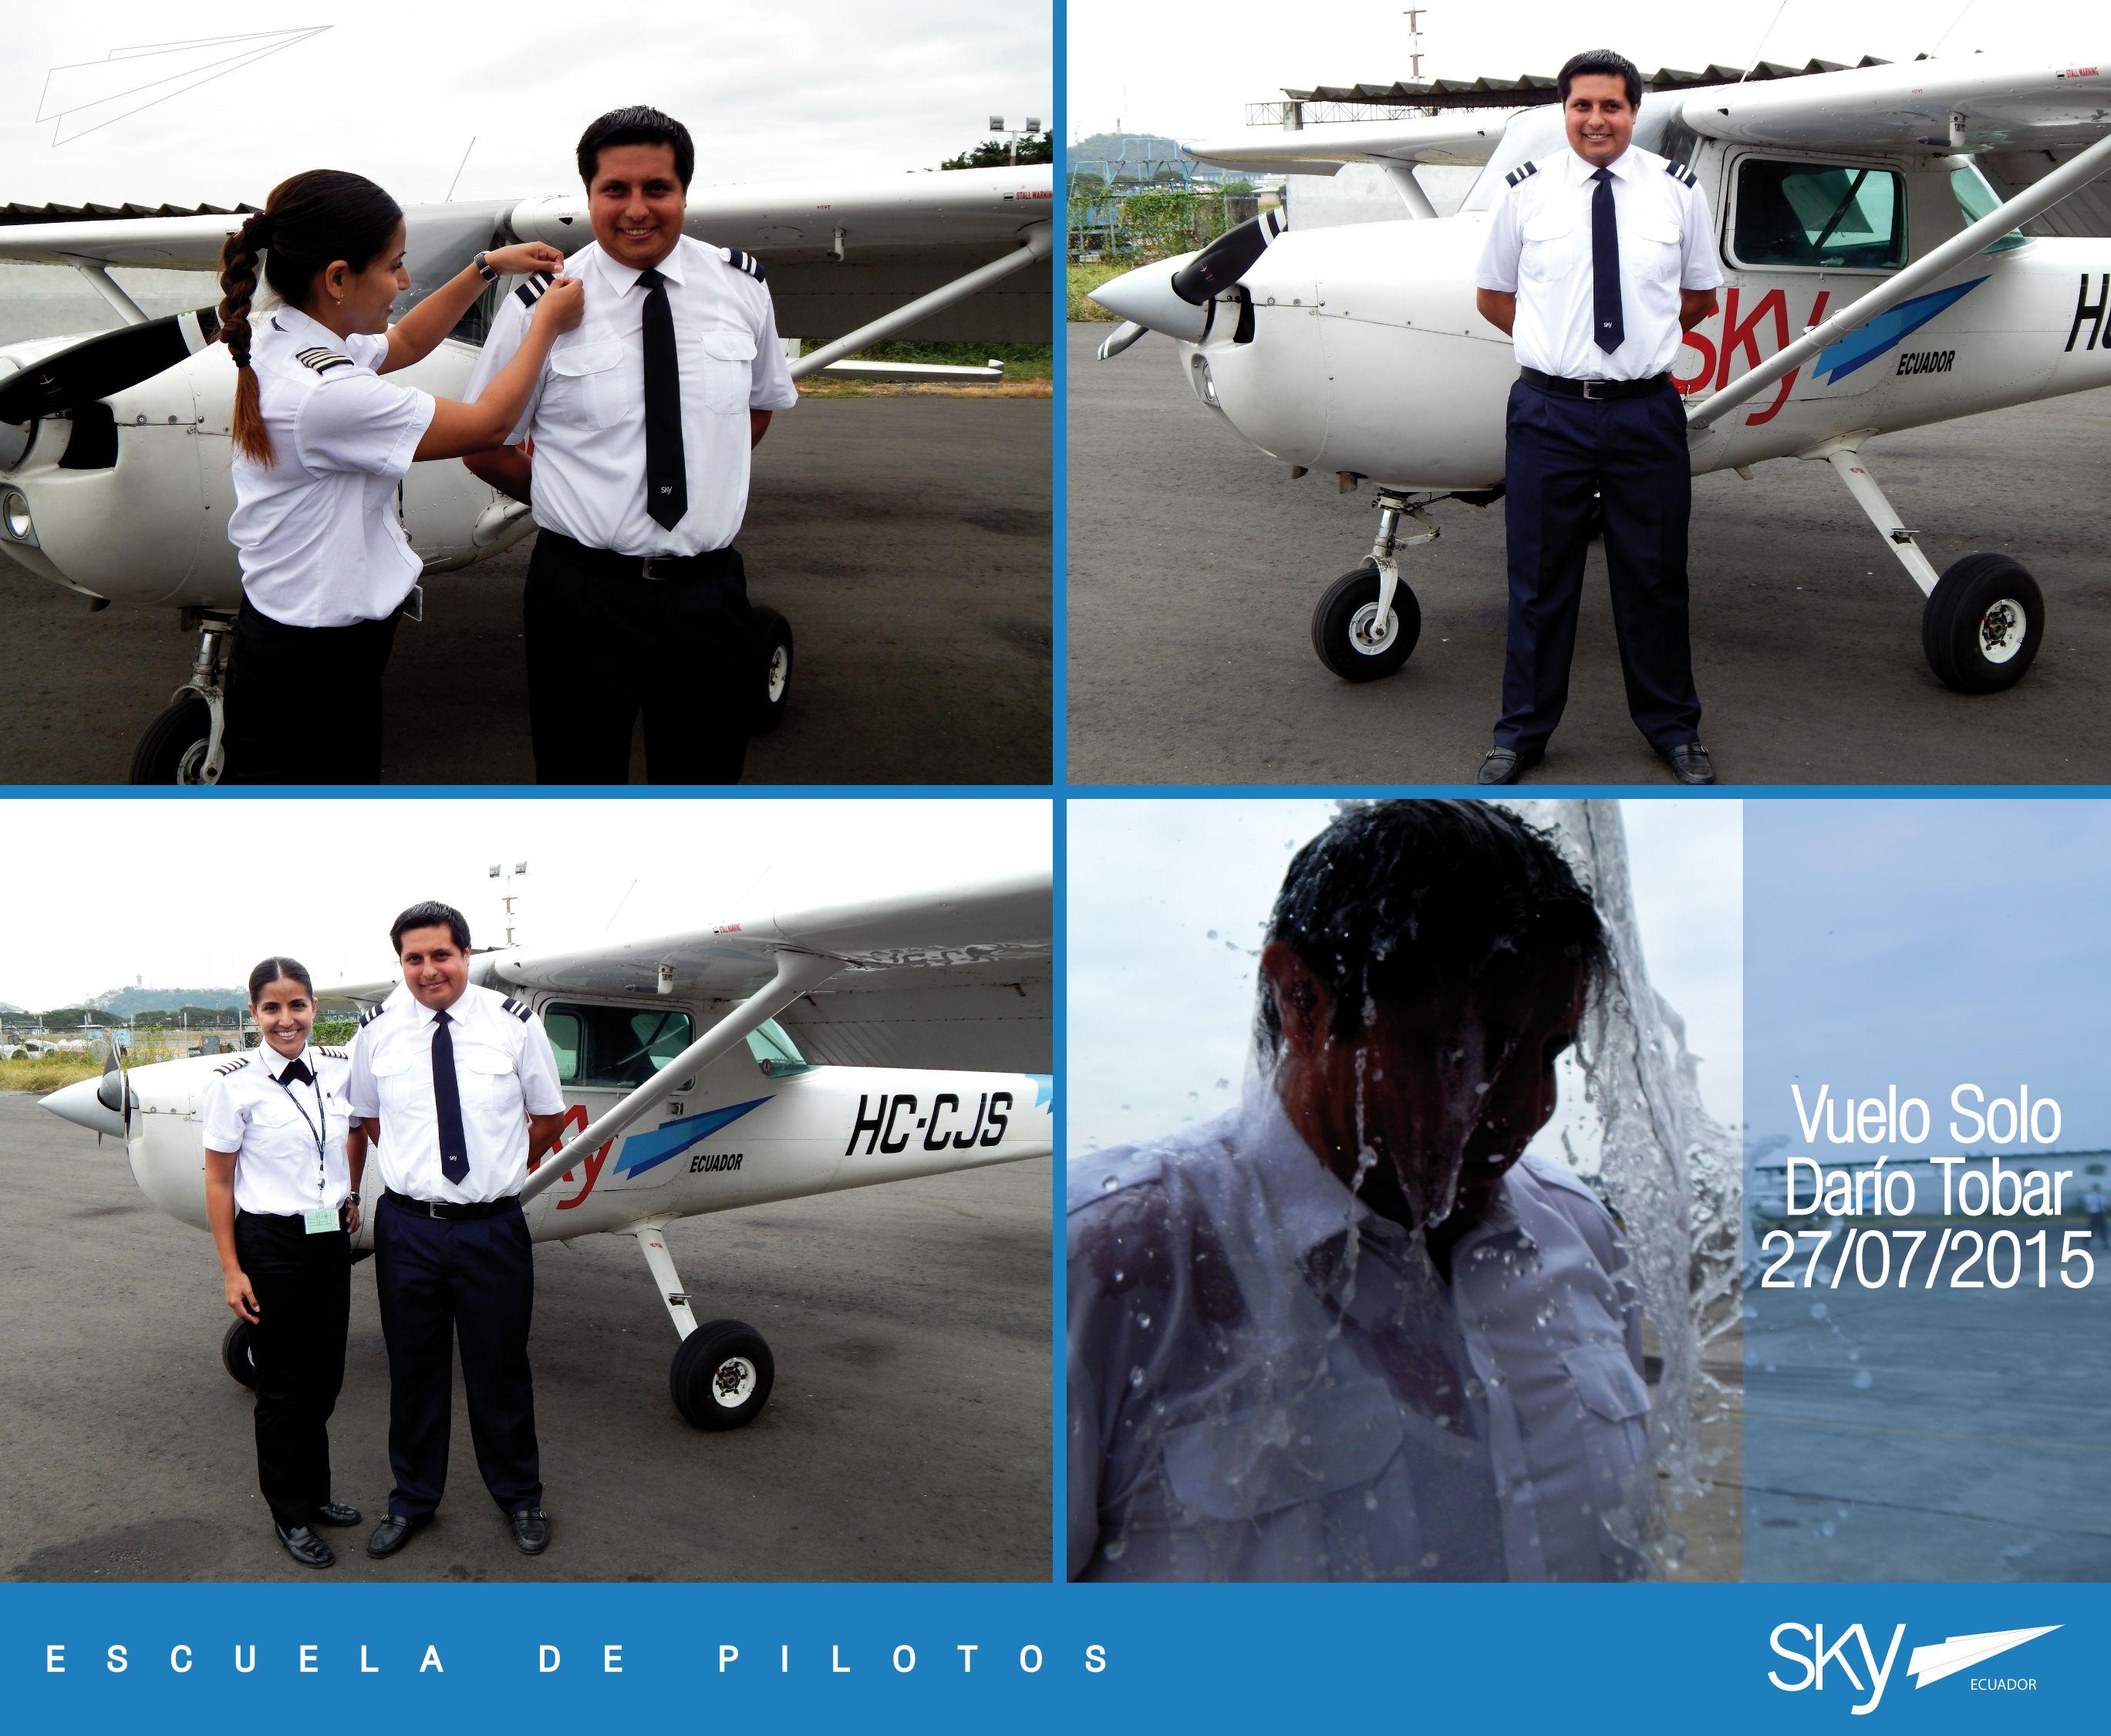 Felicitamos a nuestro Alumno Darío Tobar por haber realizado su primer vuelo solo!   Quieres ser #piloto ? Pregúntanos como! info@skyecuador.com 04 600 8250 o ( 0969063172 solo mensajes WhatsApp ) http://goo.gl/H7U4mN